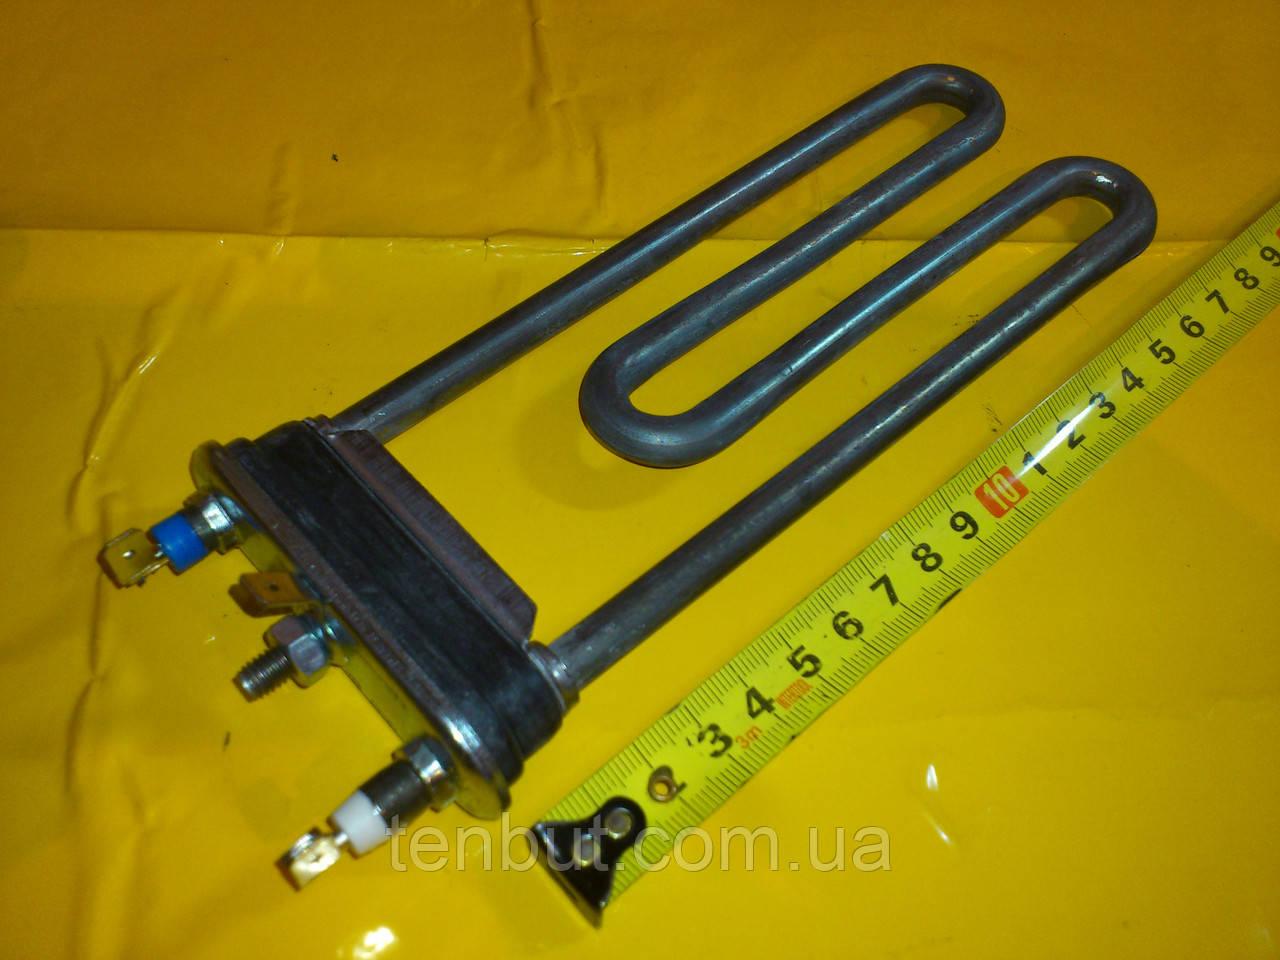 Тэн на стиральную машинку 1900 Вт. / 183 мм. производство Италия Thermowatt